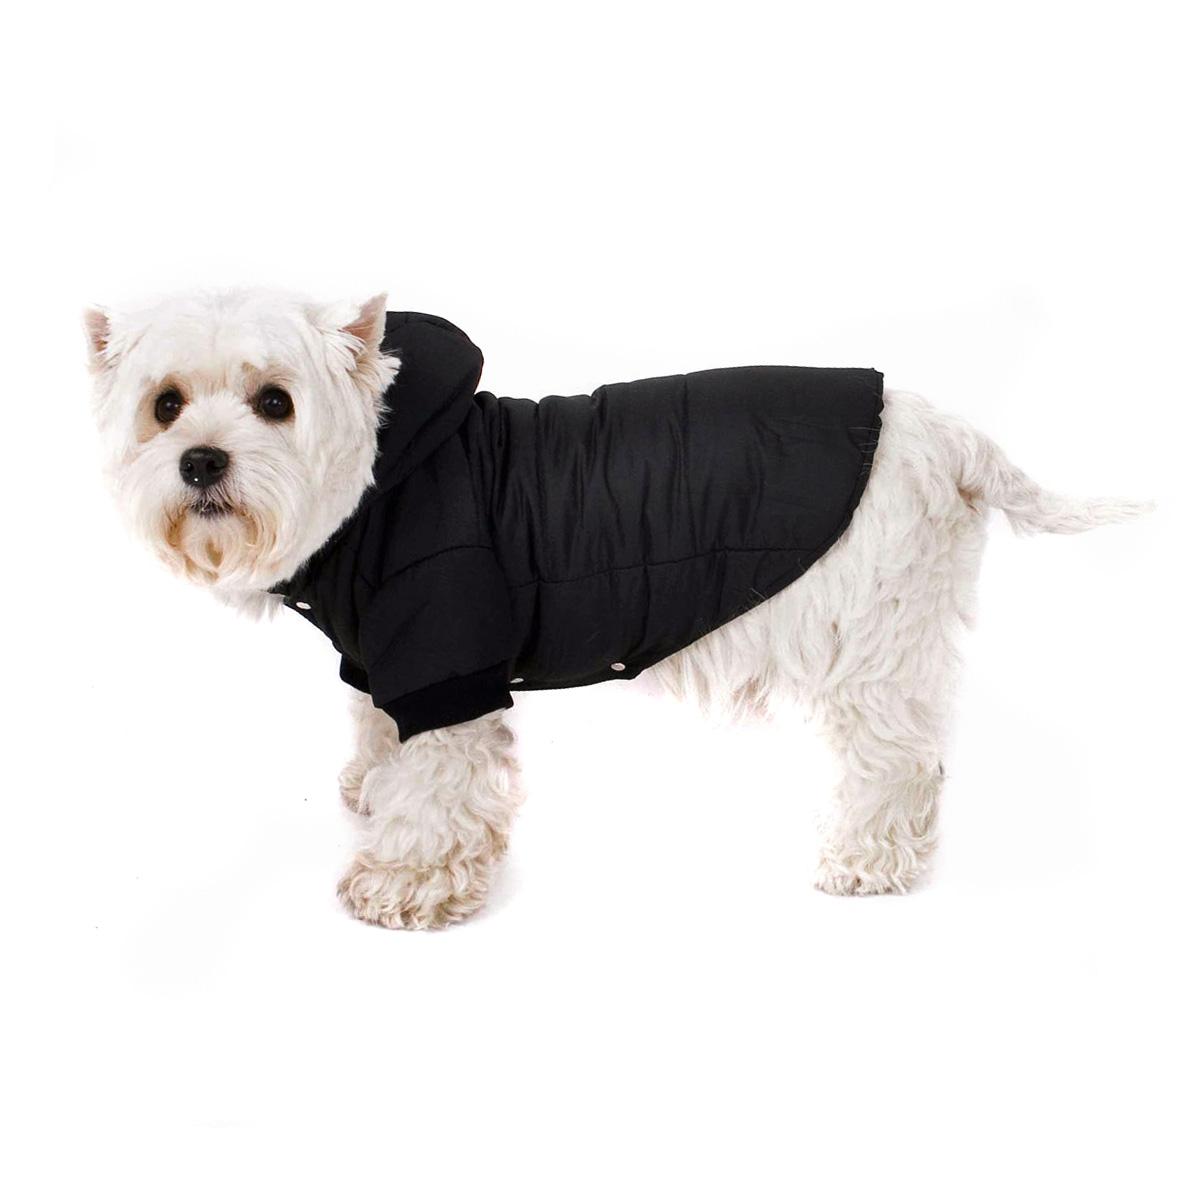 hundemantel hundejacke hundeanorak hundeparka jacke f r hunde mit kapuze schwarz ebay. Black Bedroom Furniture Sets. Home Design Ideas